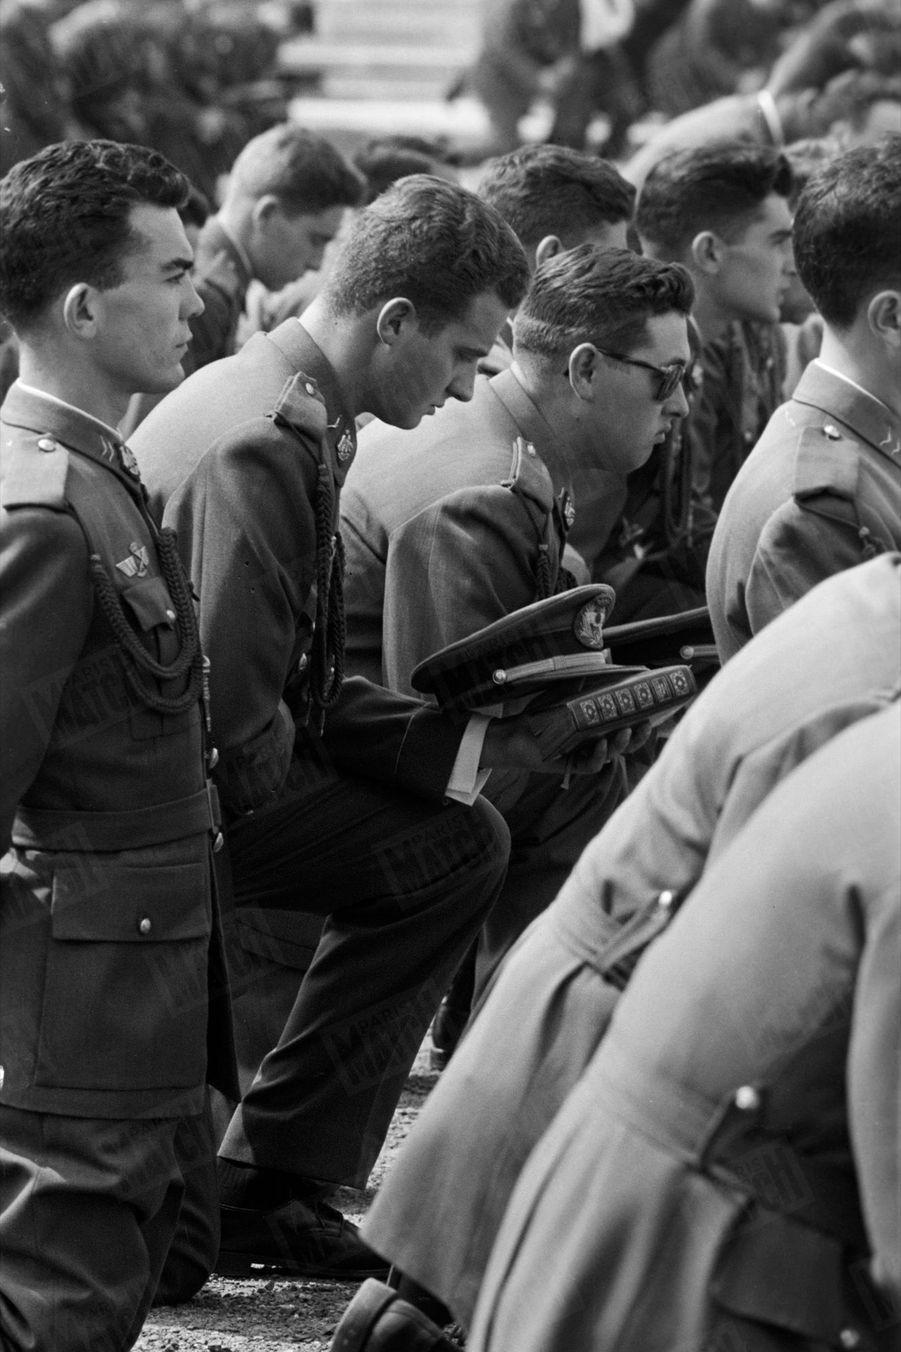 «Missel et casquette à la main, Juan Carlos assiste, avec ses camarades, à la messe du dimanche dans la 'cour d'armes'» - Paris Match n°531, 13 juin 1959